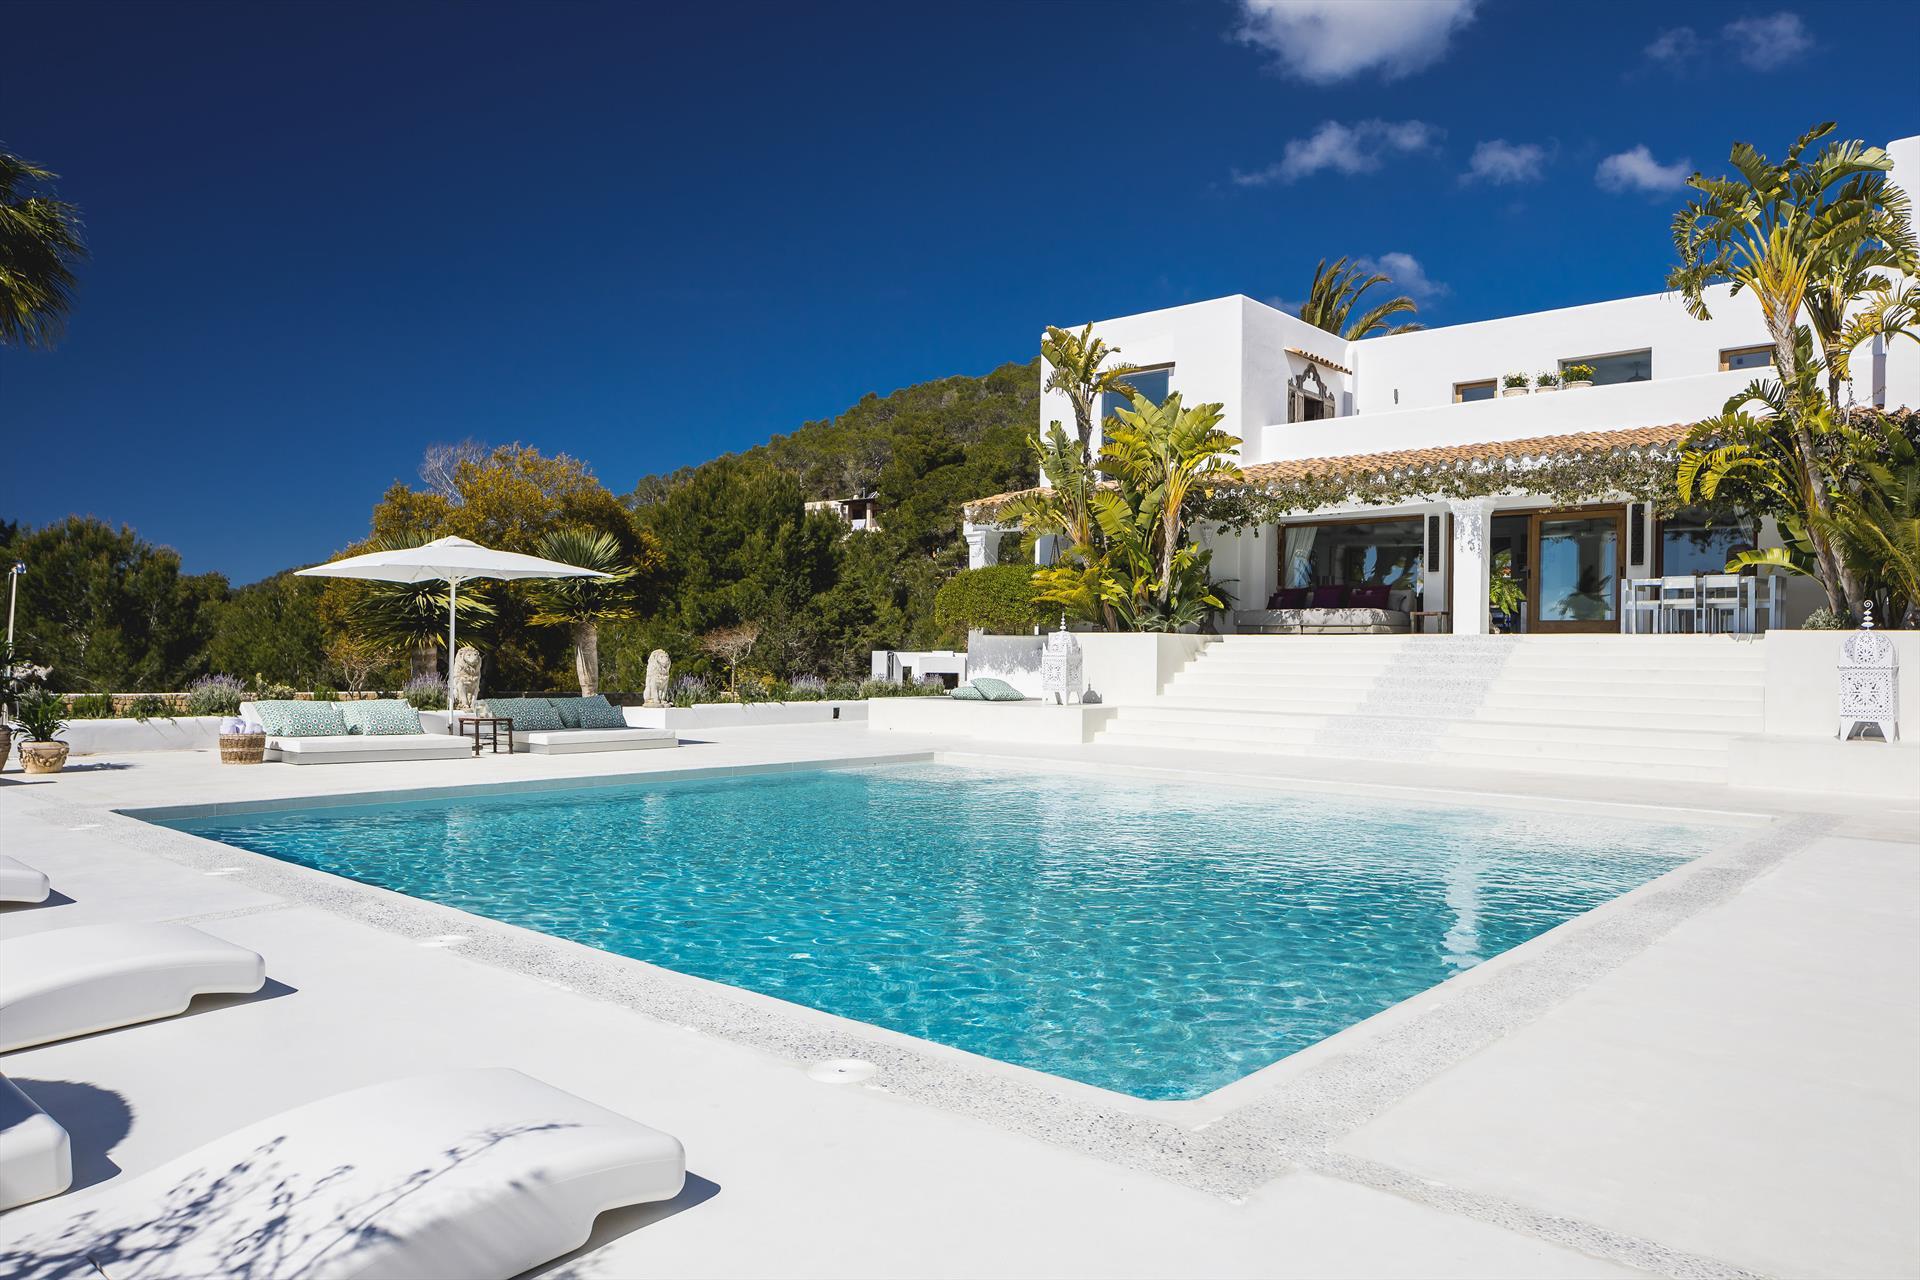 Villa Canta,Luxe villa in San Jose, op Ibiza, Spanje  met privé zwembad voor 12 personen...